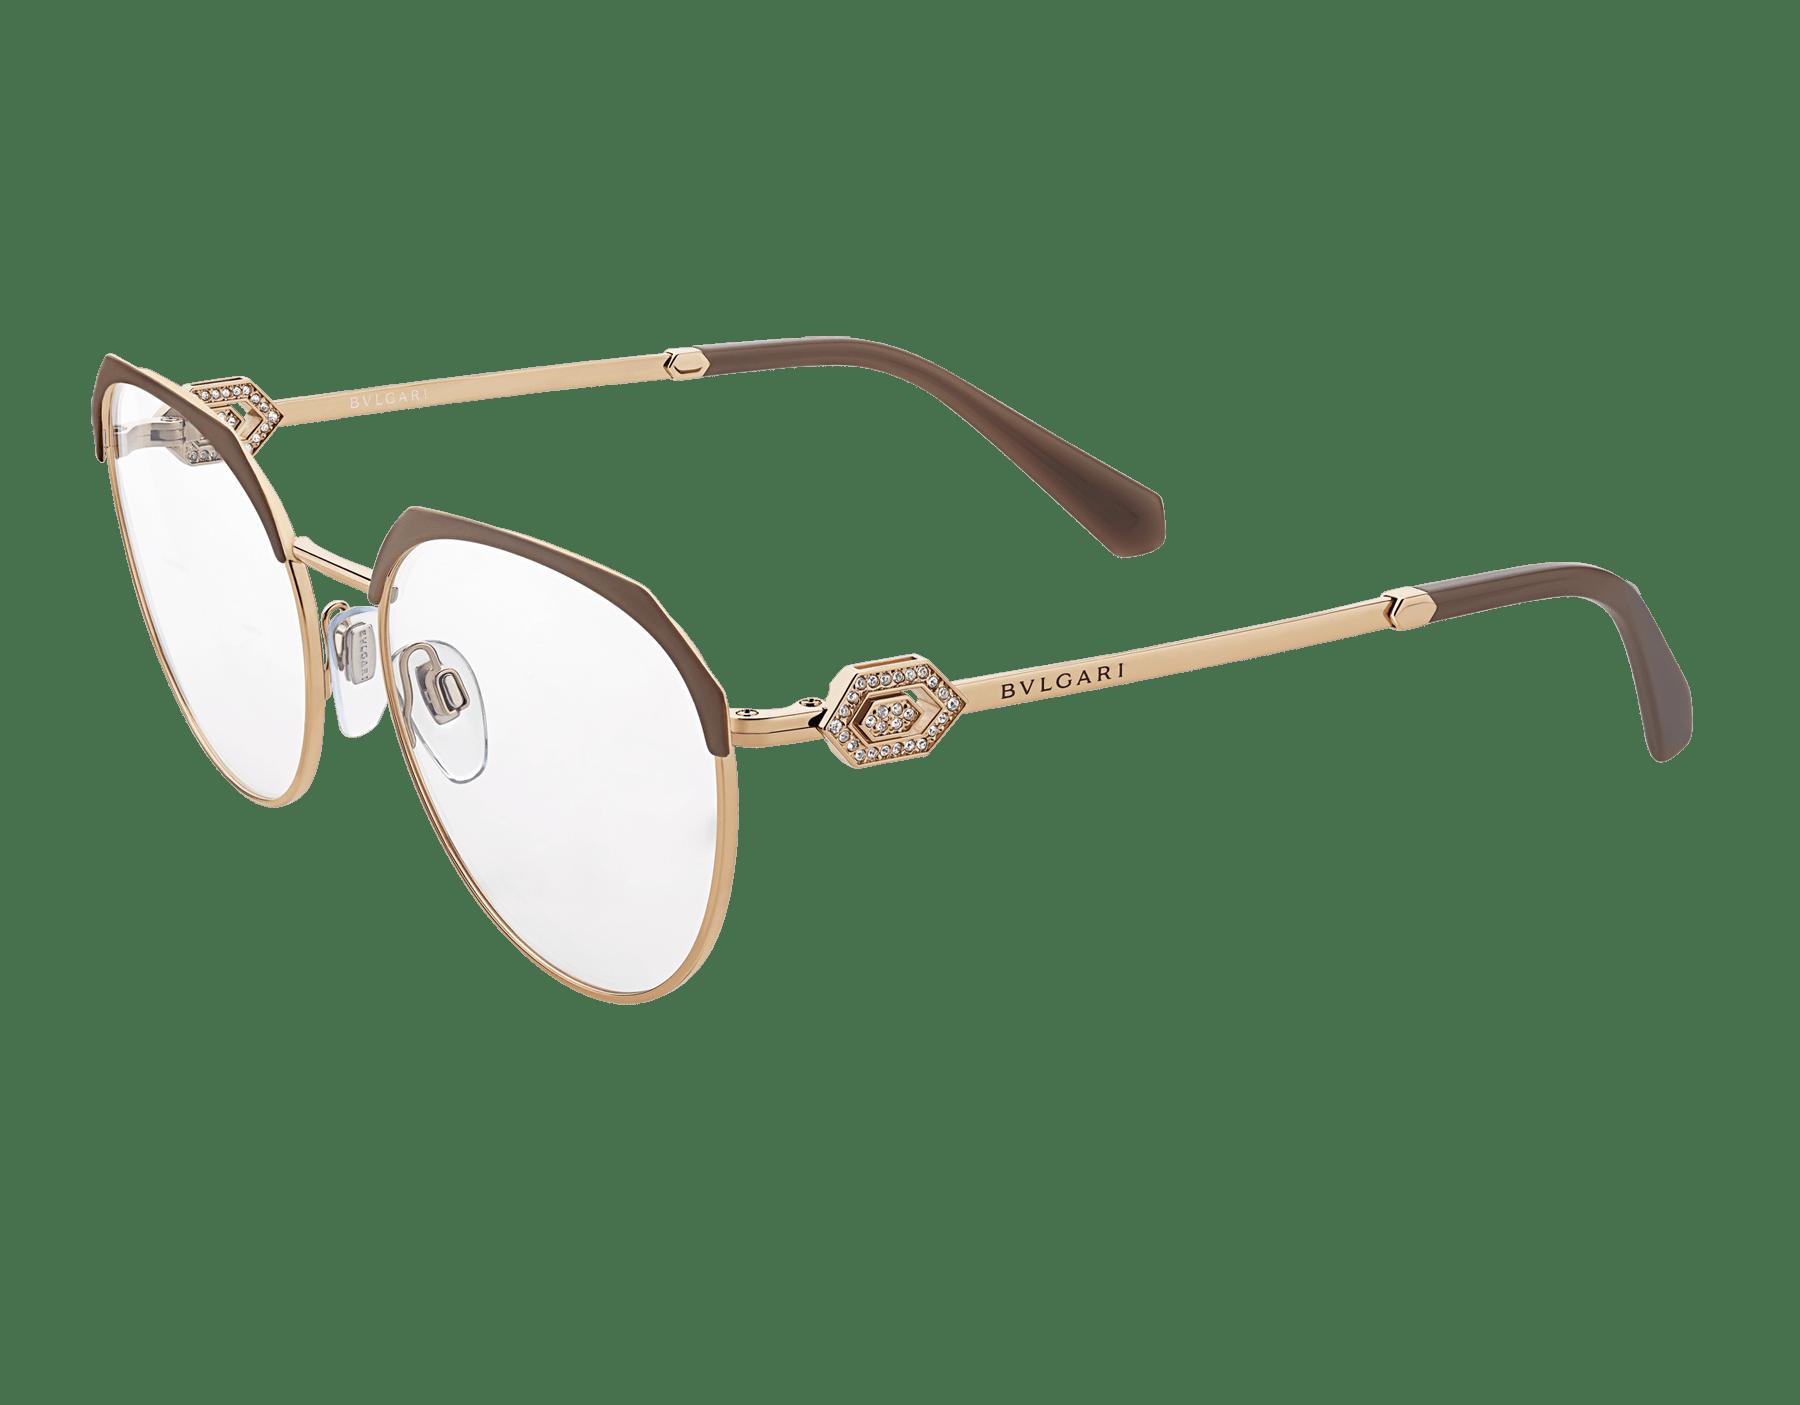 Eckige Bvlgari Serpenti Korrekturbrille aus Metall mit durchbrochener Serpenti Metallverzierung und Kristallen. 903944 image 1